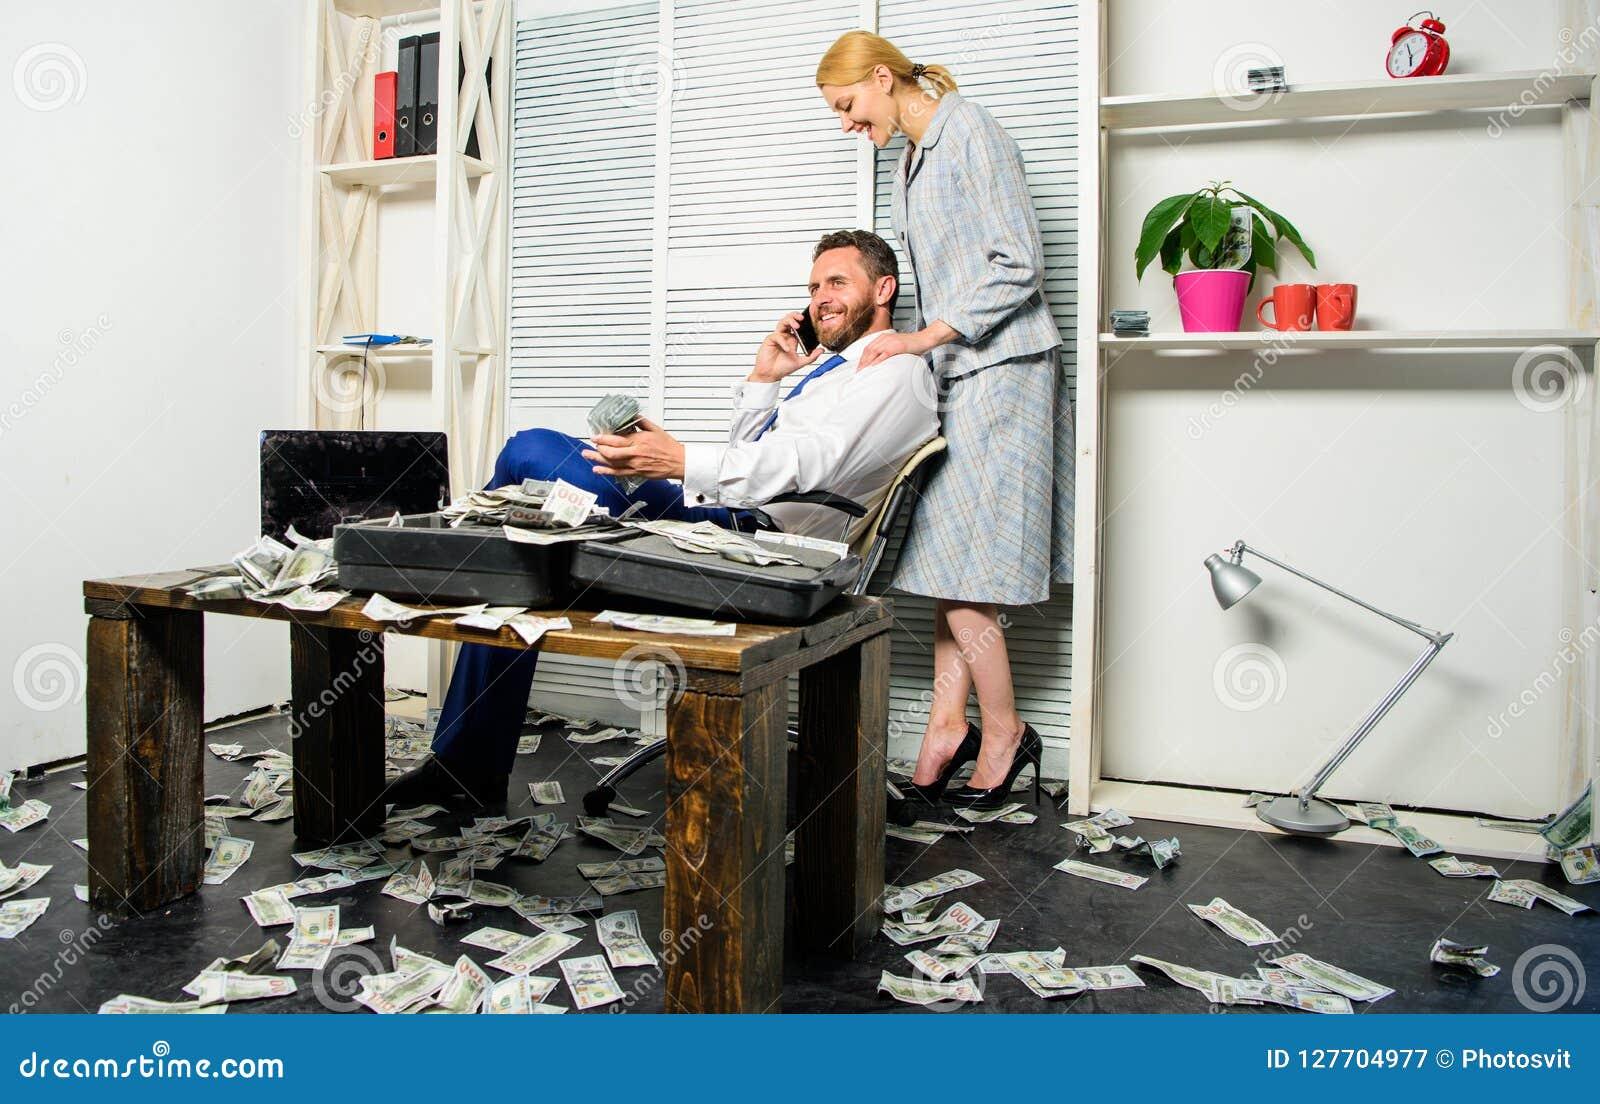 Biznesmena bogaty brodaty facet siedzi biuro z udziałem gotówkowy pieniądze Mężczyzna biznesmena pomyślna rozmowa telefoniczna po